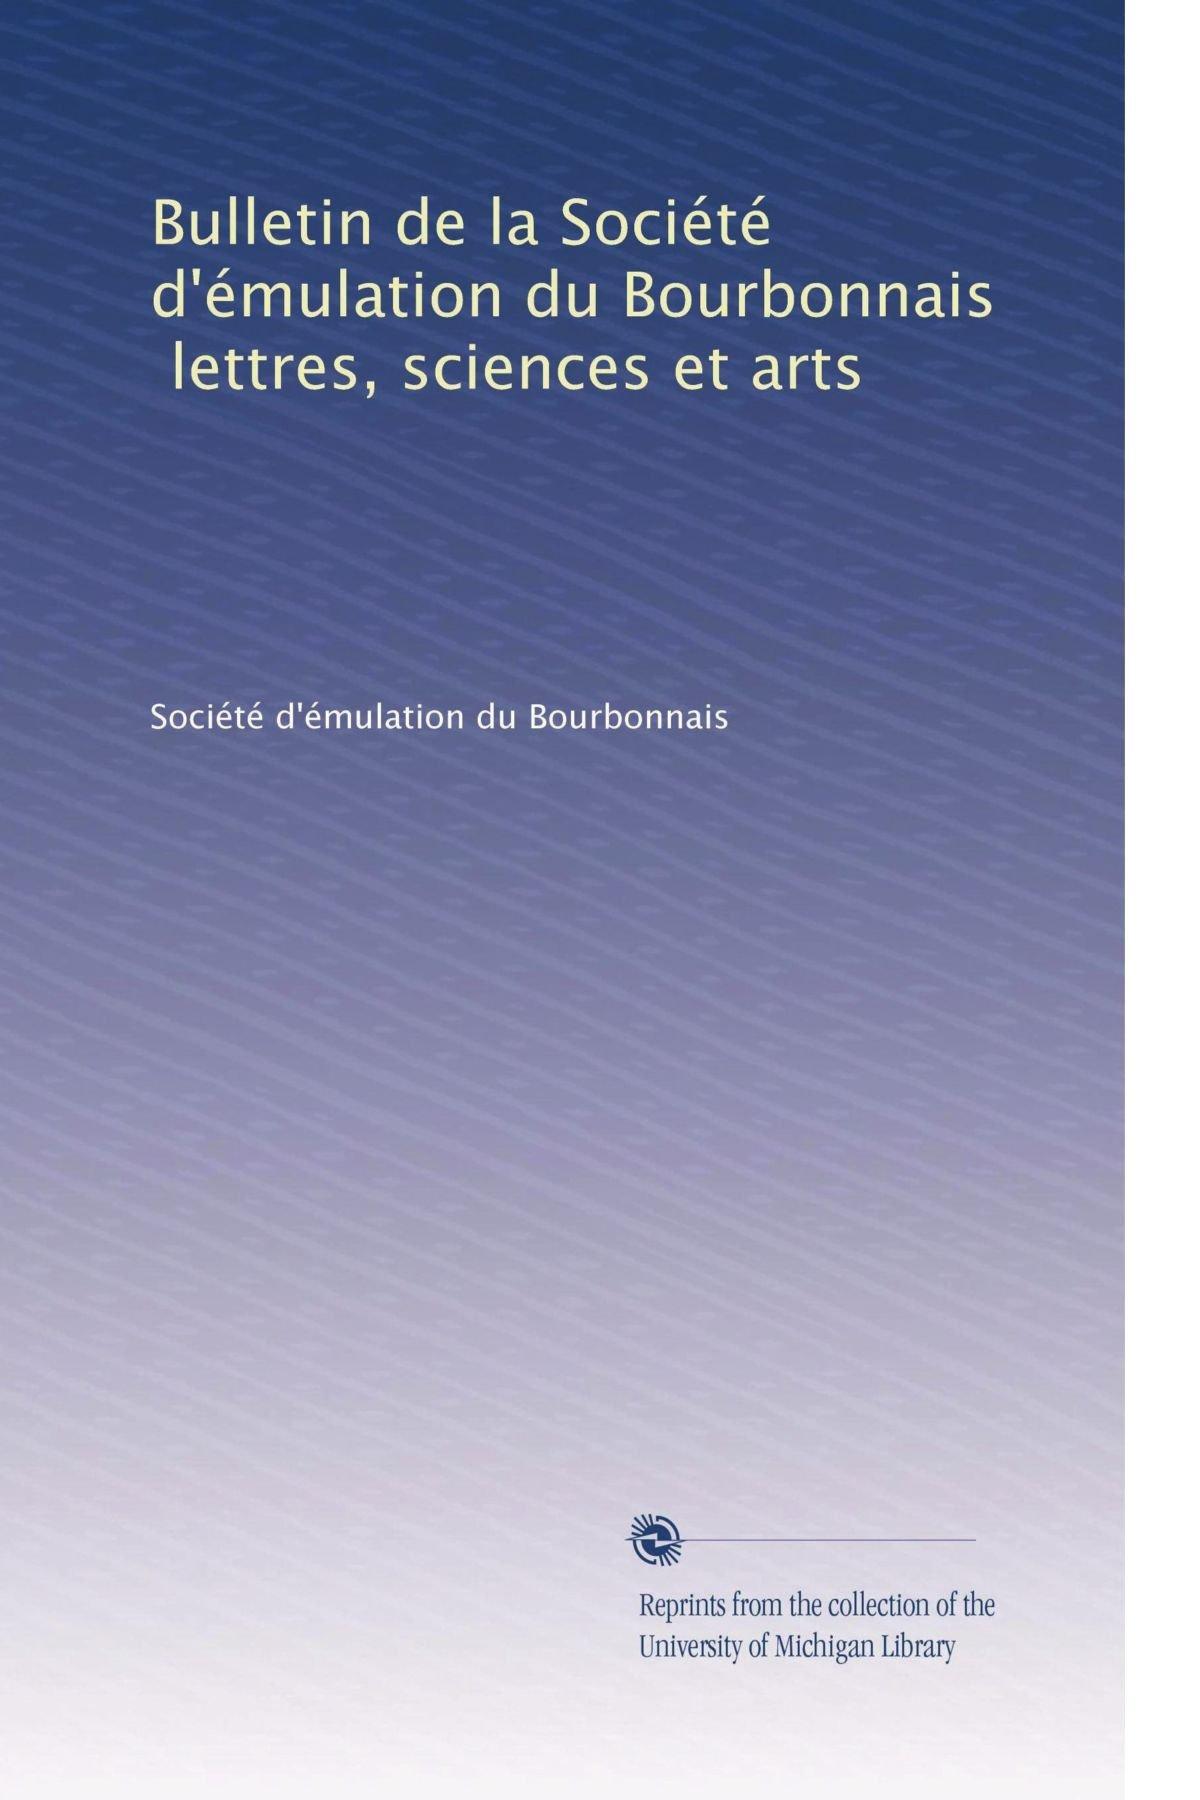 Download Bulletin de la Société d'émulation du Bourbonnais, lettres, sciences et arts (Volume 33) (French Edition) pdf